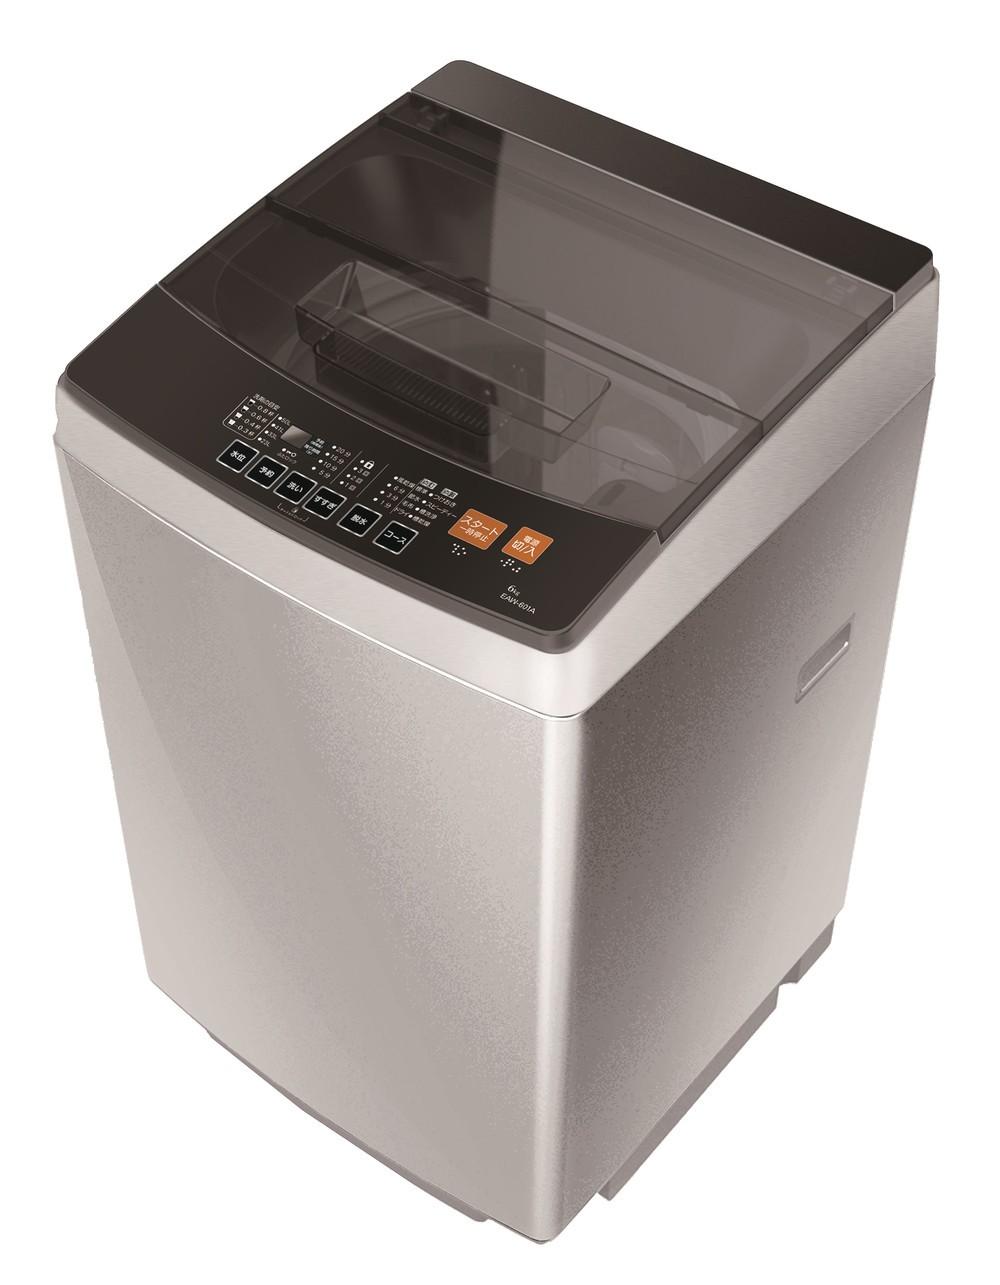 「ドンキ」からリーズナブルな白物家電 洗濯機2モデル&冷蔵庫